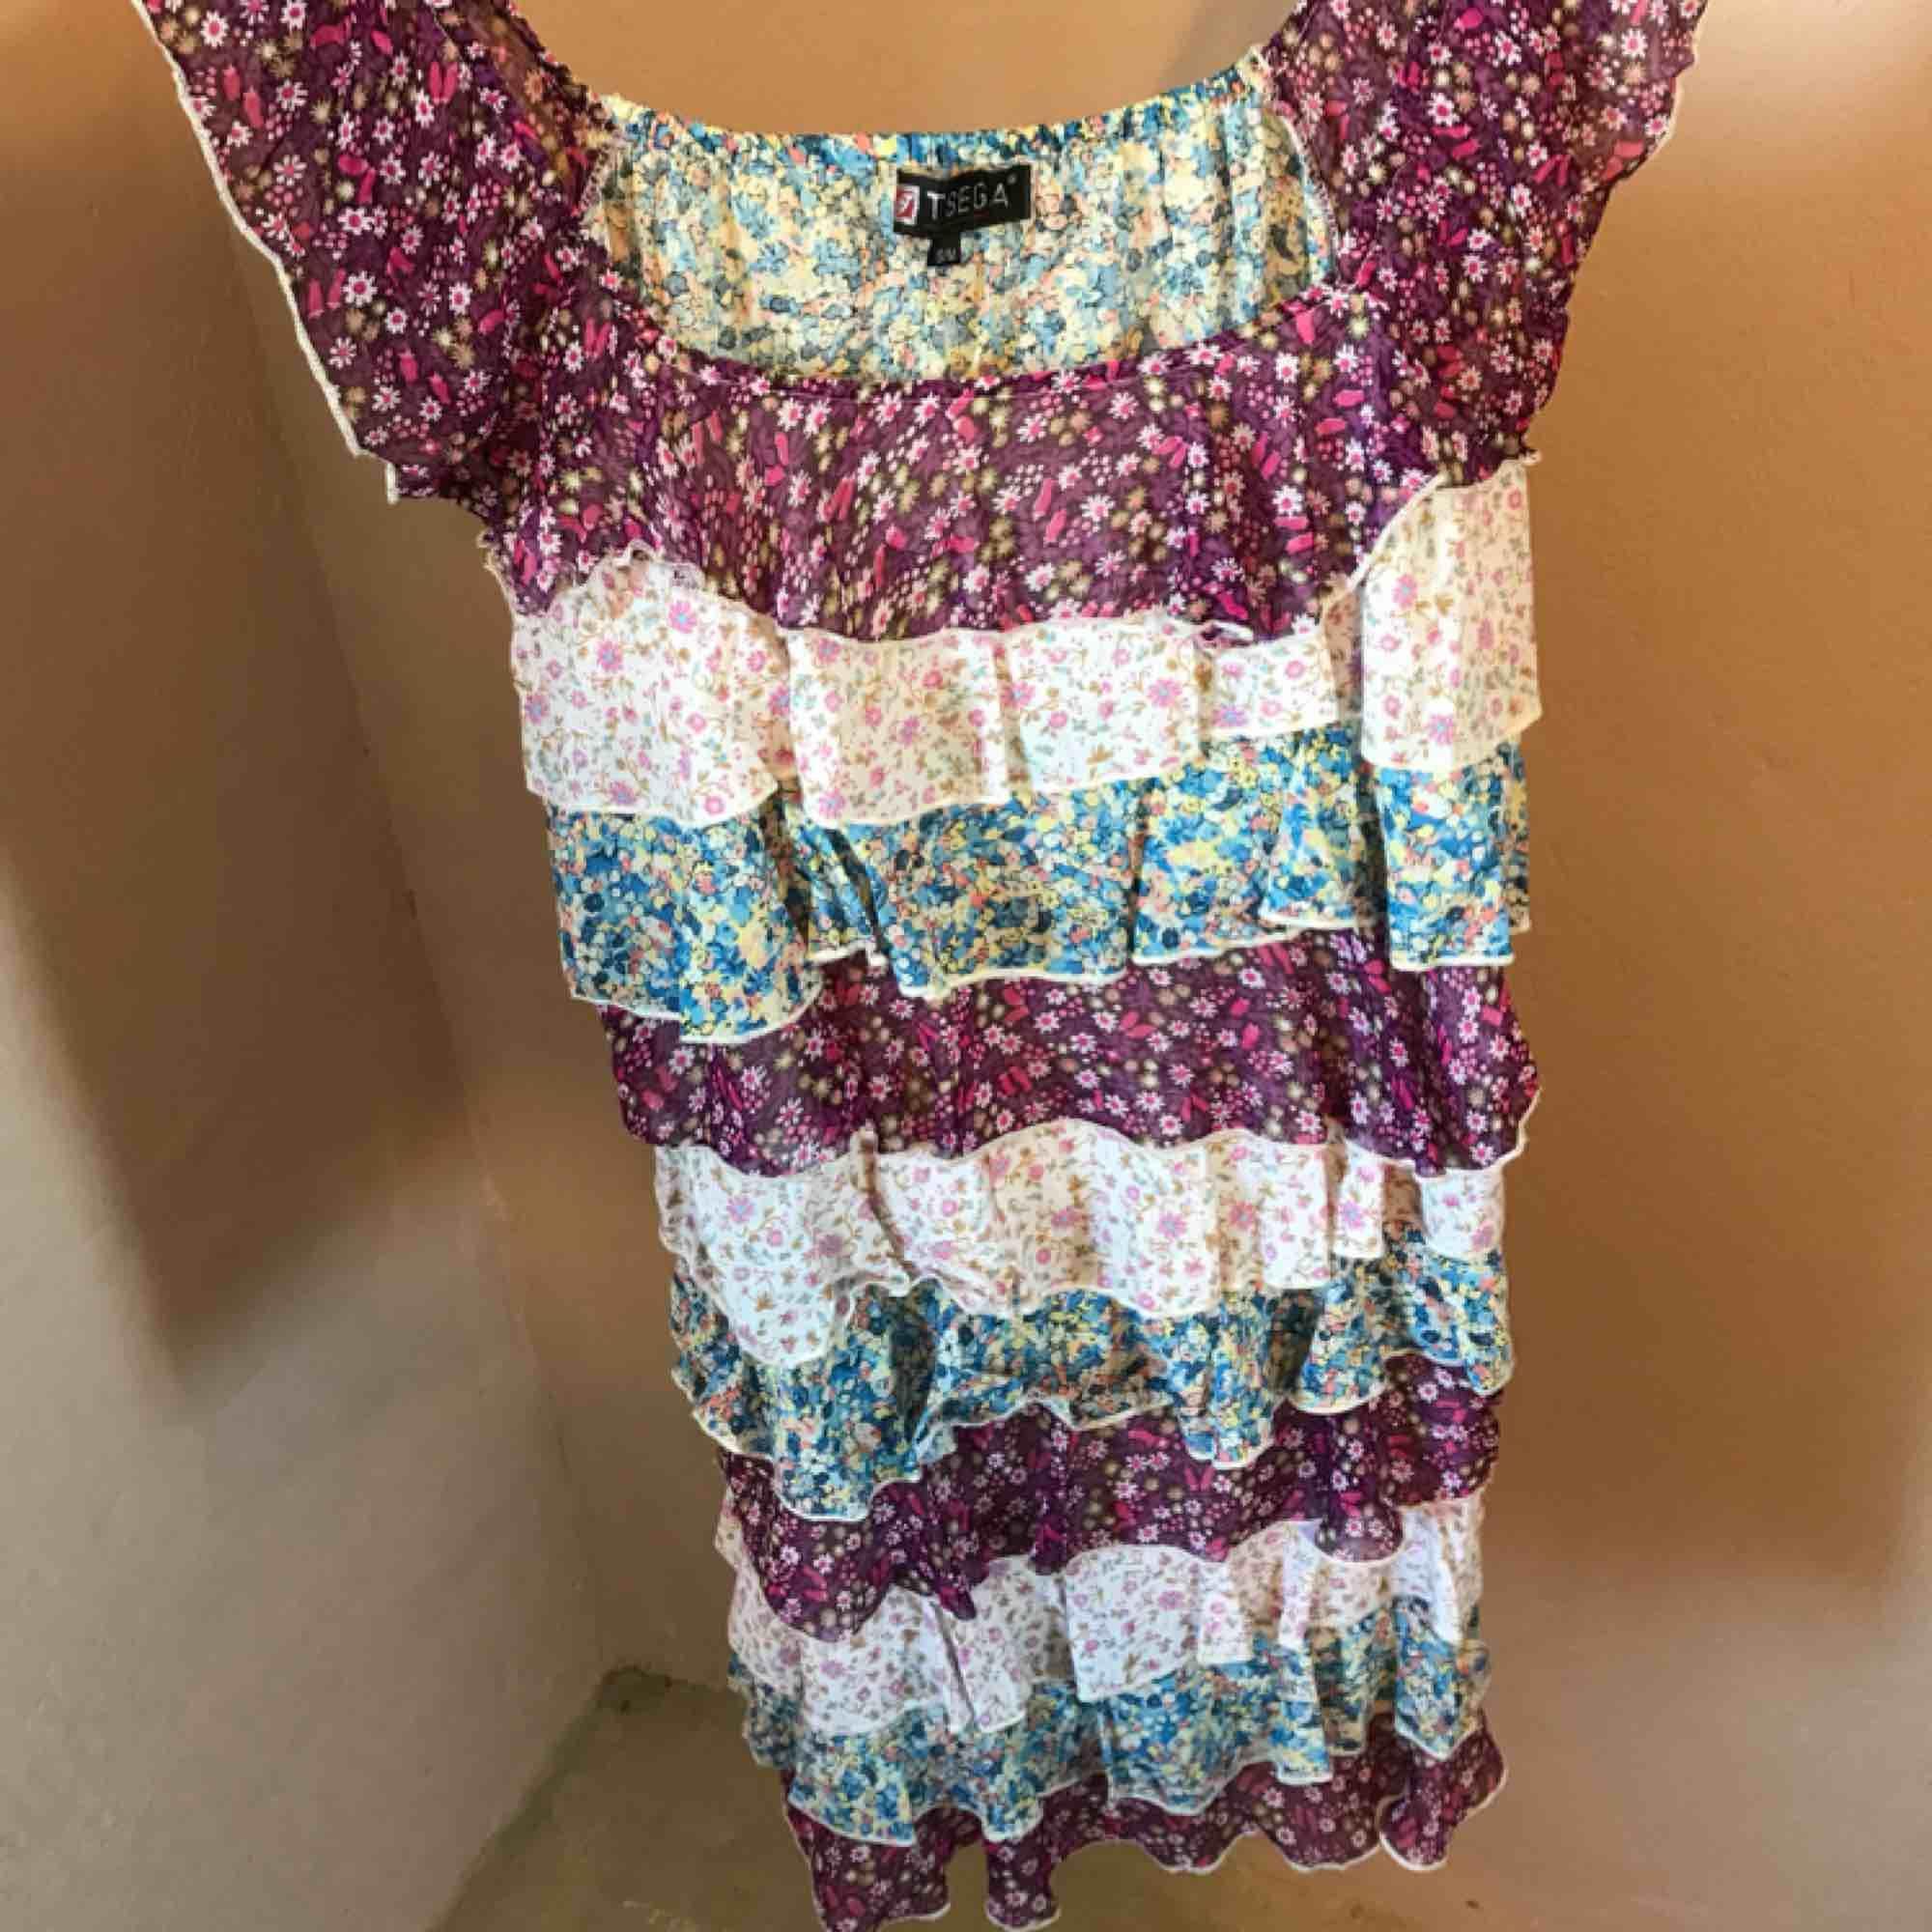 Jättesöt klänning med fina volanger i olika färger. Perfekt nu till sommaren. Klänningar.